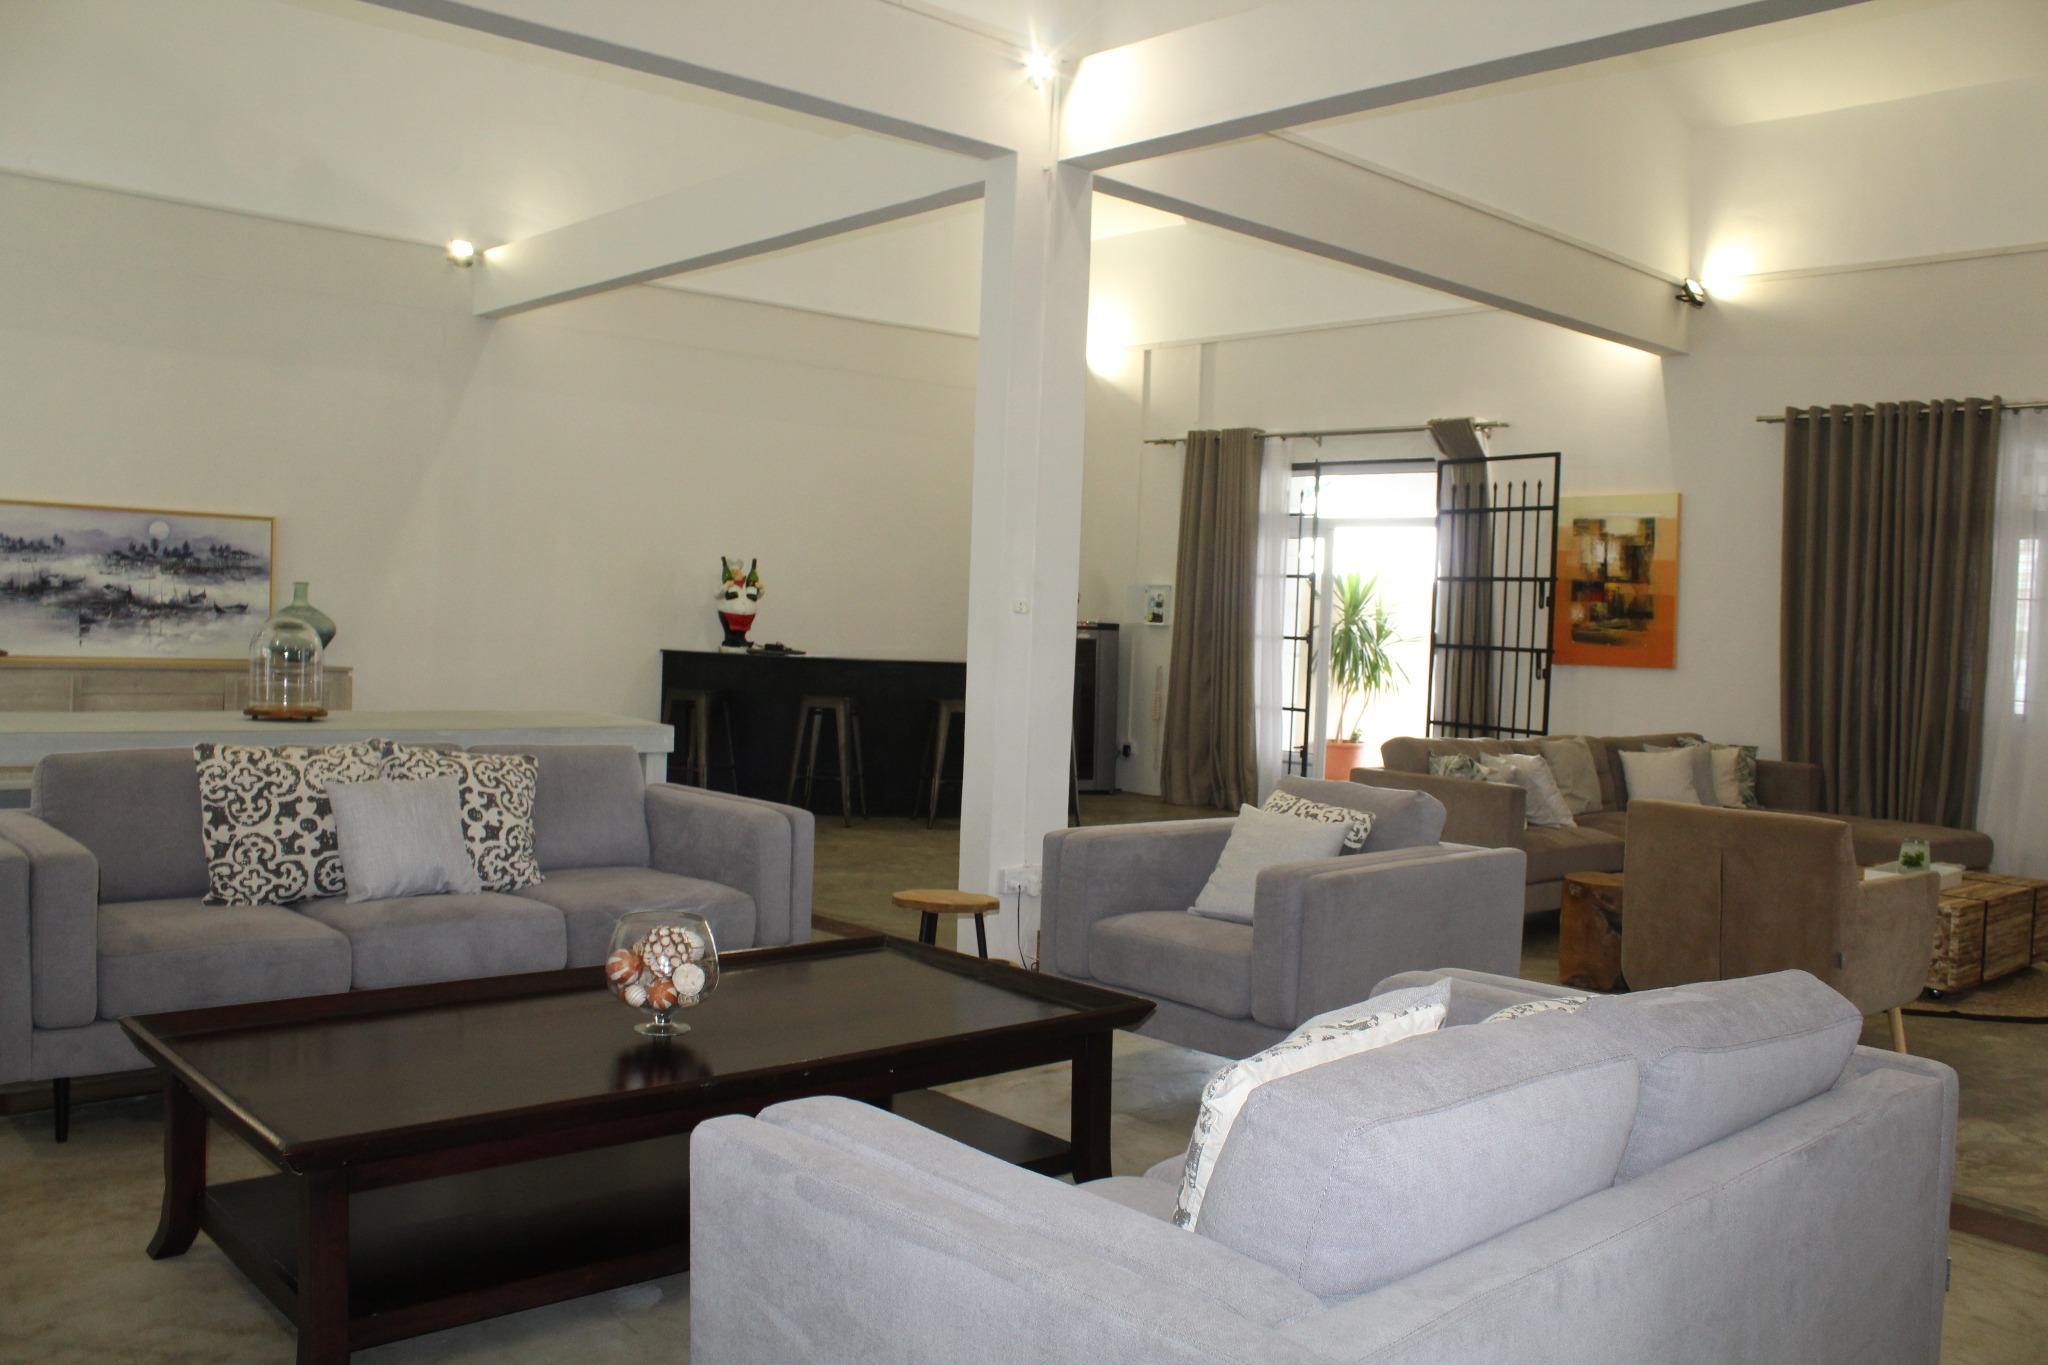 A VENDRE – Charmante maison non-meublée de plain-pied de 400 m2 à la frontière de Mon Loisir et l'Amitié.